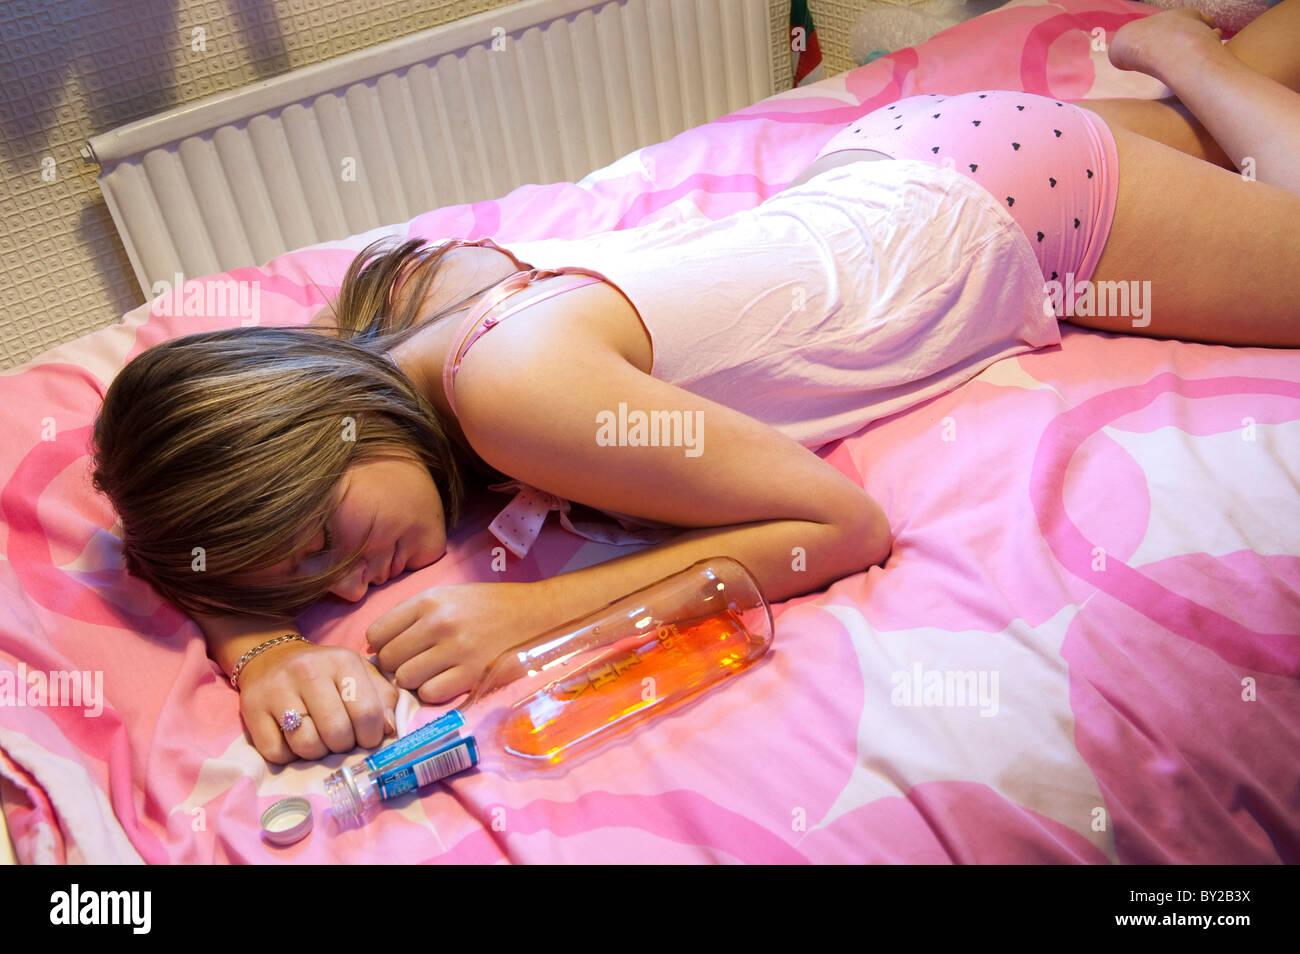 Drunken teens net drunk